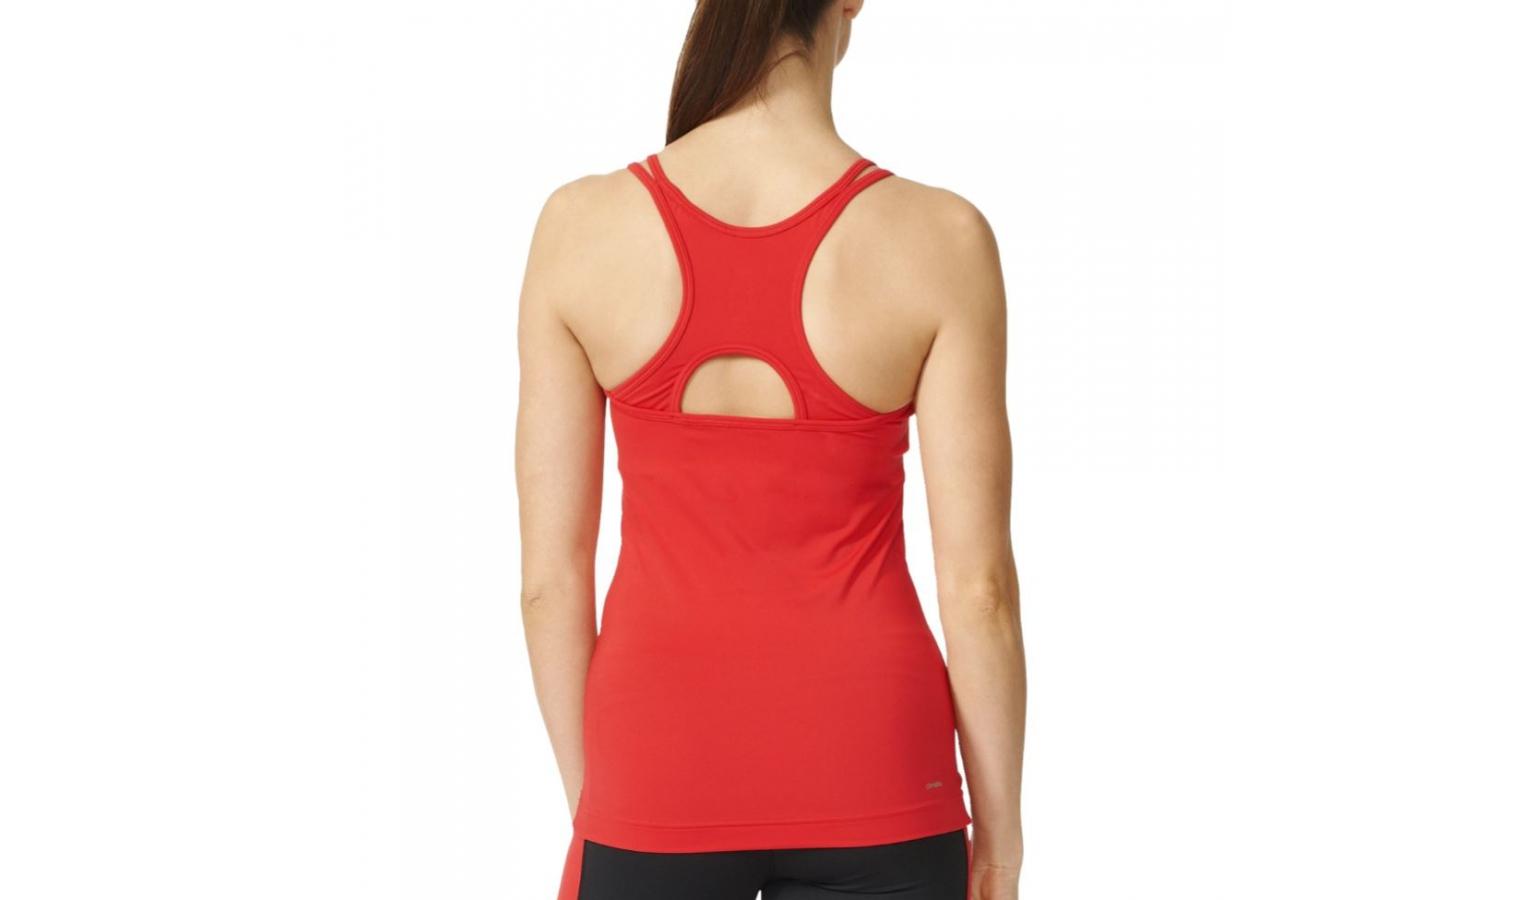 Dámske športové tielko adidas BASIC STRAPPY červené  1e2341dc06f